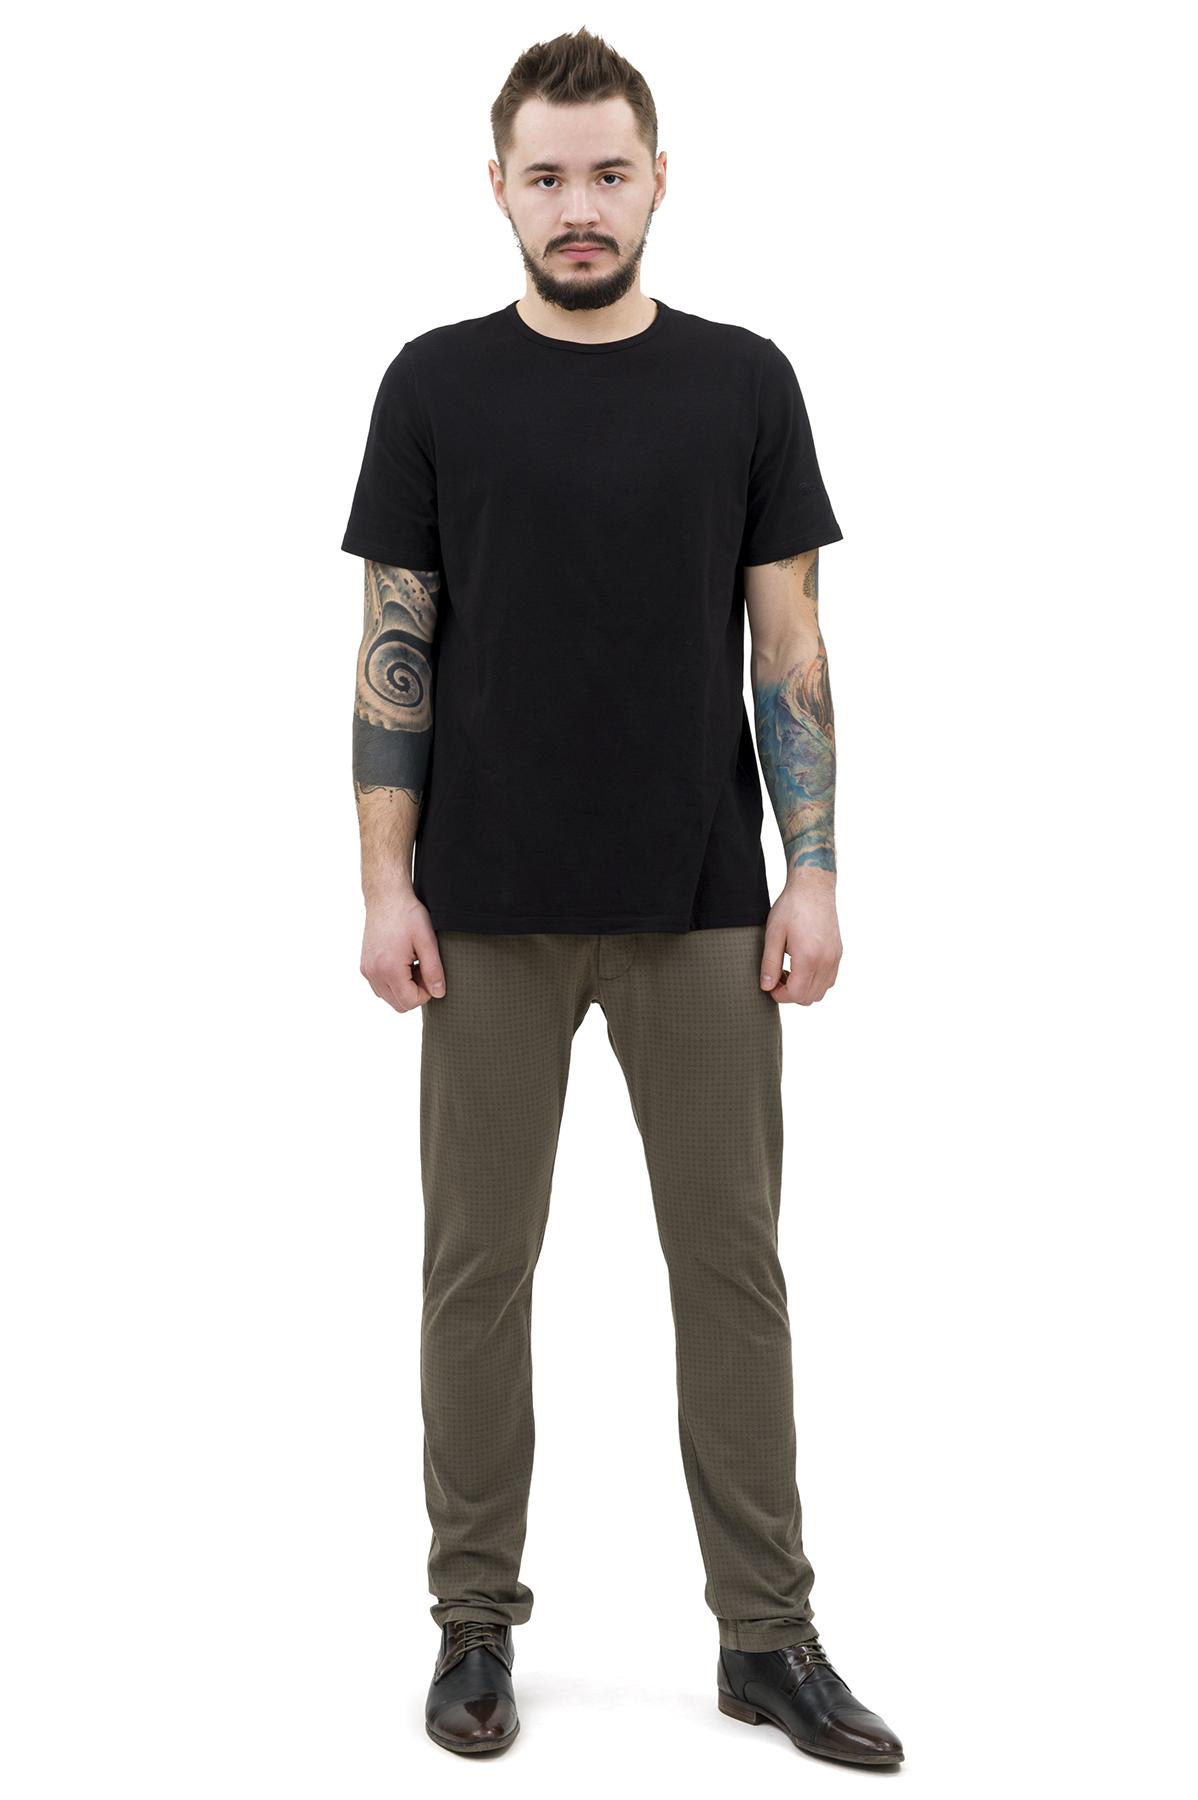 ФутболкаМужские футболки, джемпера<br>Футболка – это удобный выбор на каждый день, поэтому она должна быть яркой и стильной, чтобы привнести в повседневный образ красок. Округлый вырез горловины, короткие рукава, эффектный принт - все это футболка Doctor E, из высококачественного трикотажа.<br><br>Цвет: черный<br>Состав: 92% хлопок; 8% эластан<br>Размер: 44,46,48,50,52,54,56,58,60<br>Страна дизайна: Россия<br>Страна производства: Россия